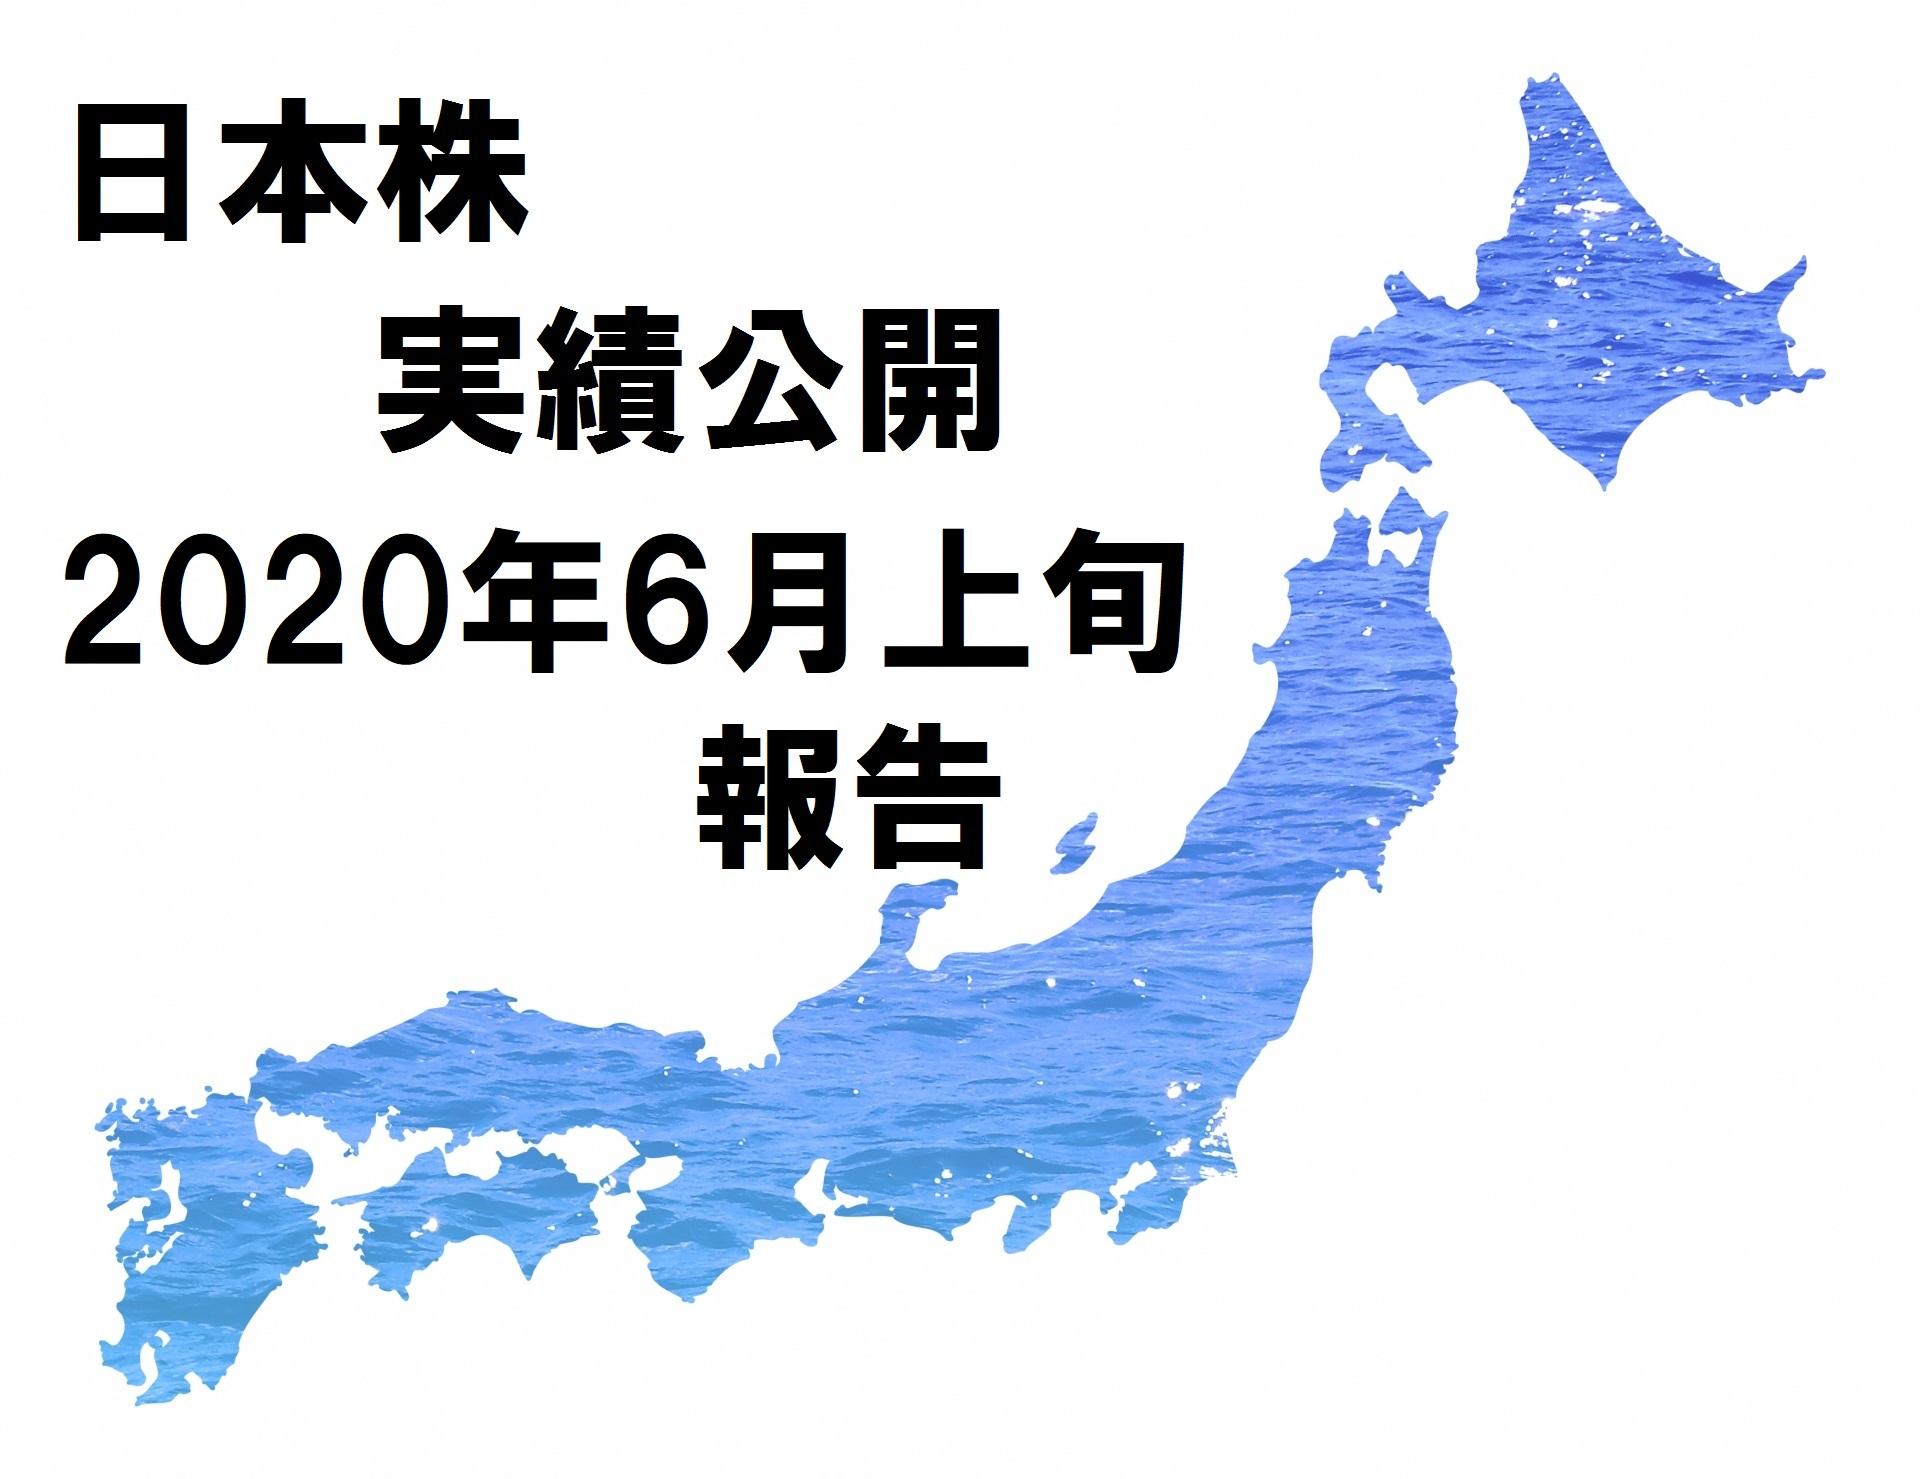 2020年6月上旬時点での日本株実績報告(上がり続ける恐怖というものに直面している現実